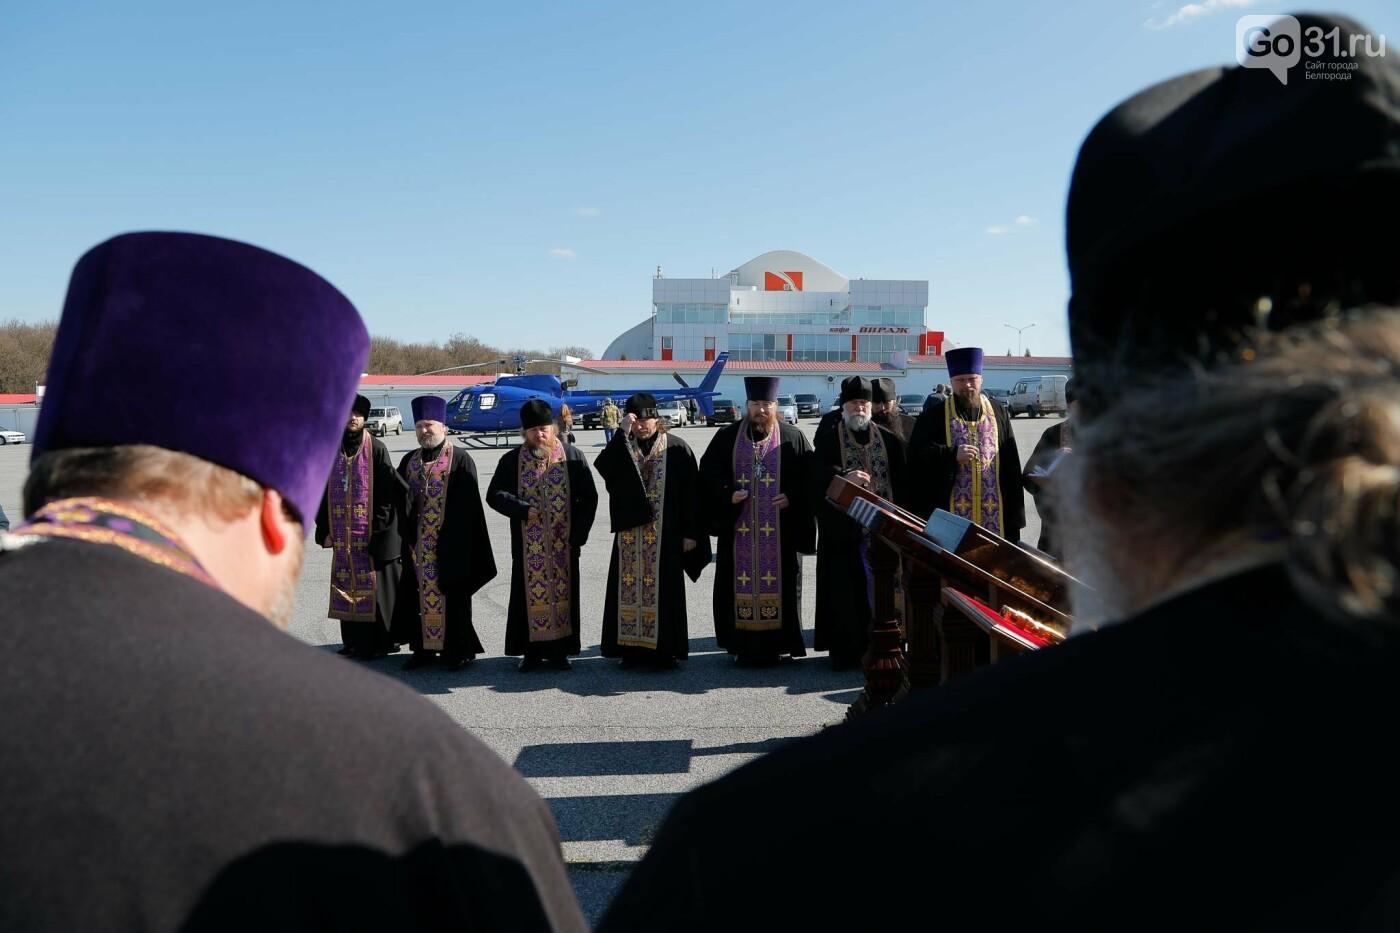 Владыка Иоанн совершил воздушный крестный ход над Белгородской областью, фото-1